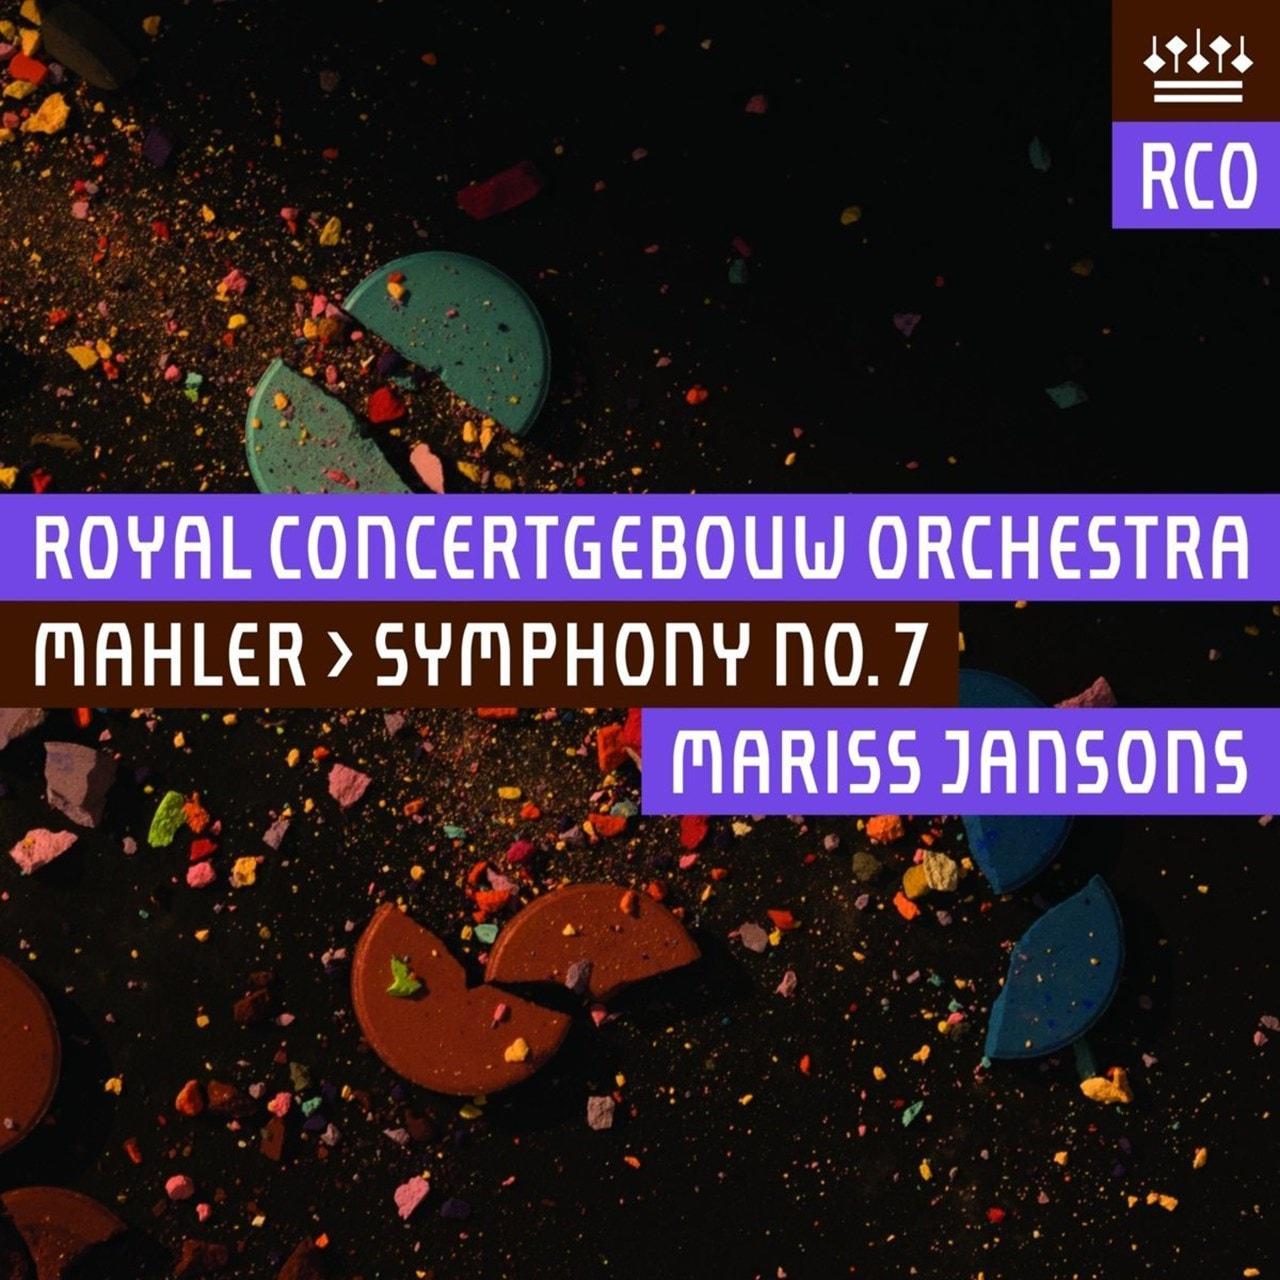 Mahler: Symphony No. 7 - 1